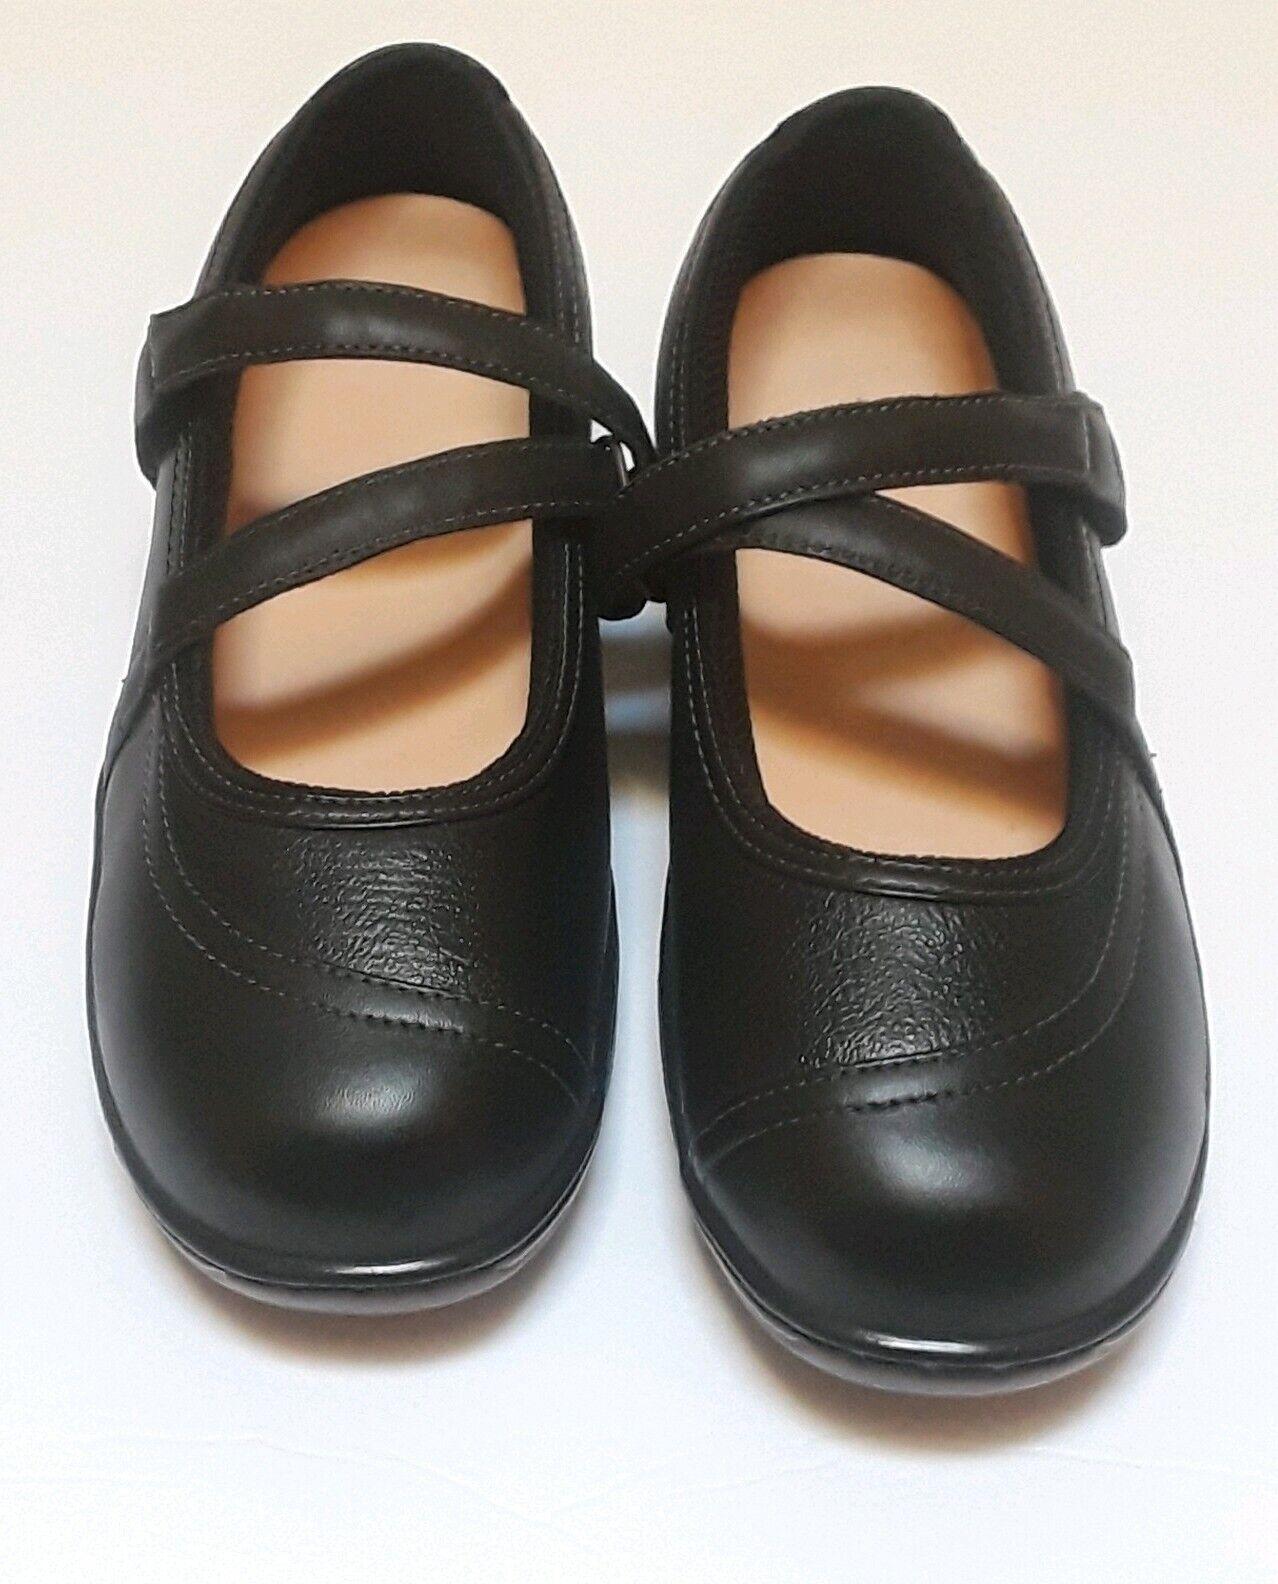 Ortho Feet Size 6 1 2 Celina Womens Orthopedic Diabetic Mary Jane shoes